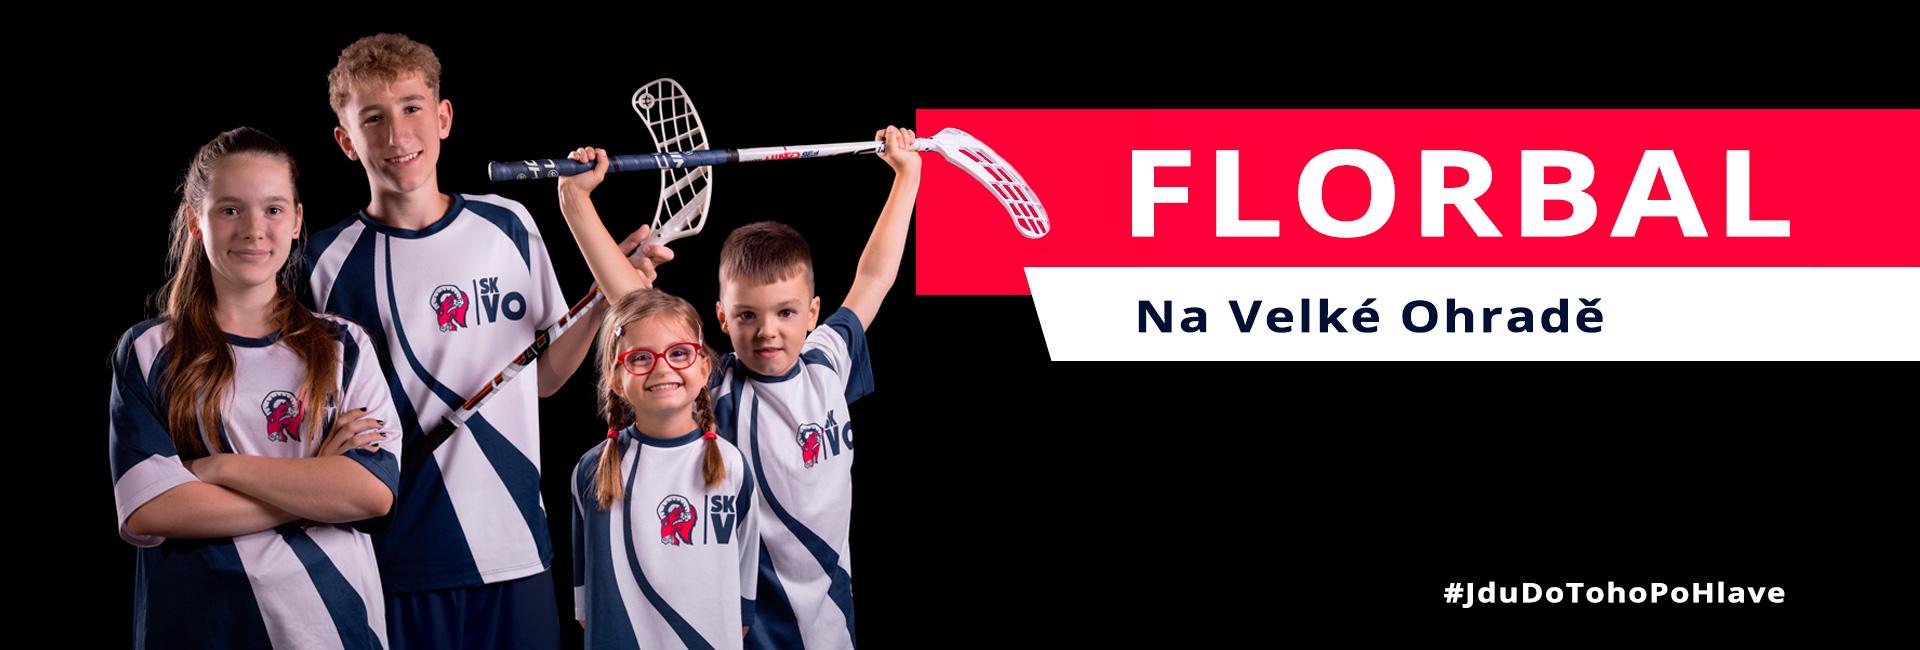 florbal Praha 13 uvodni fotka - pc